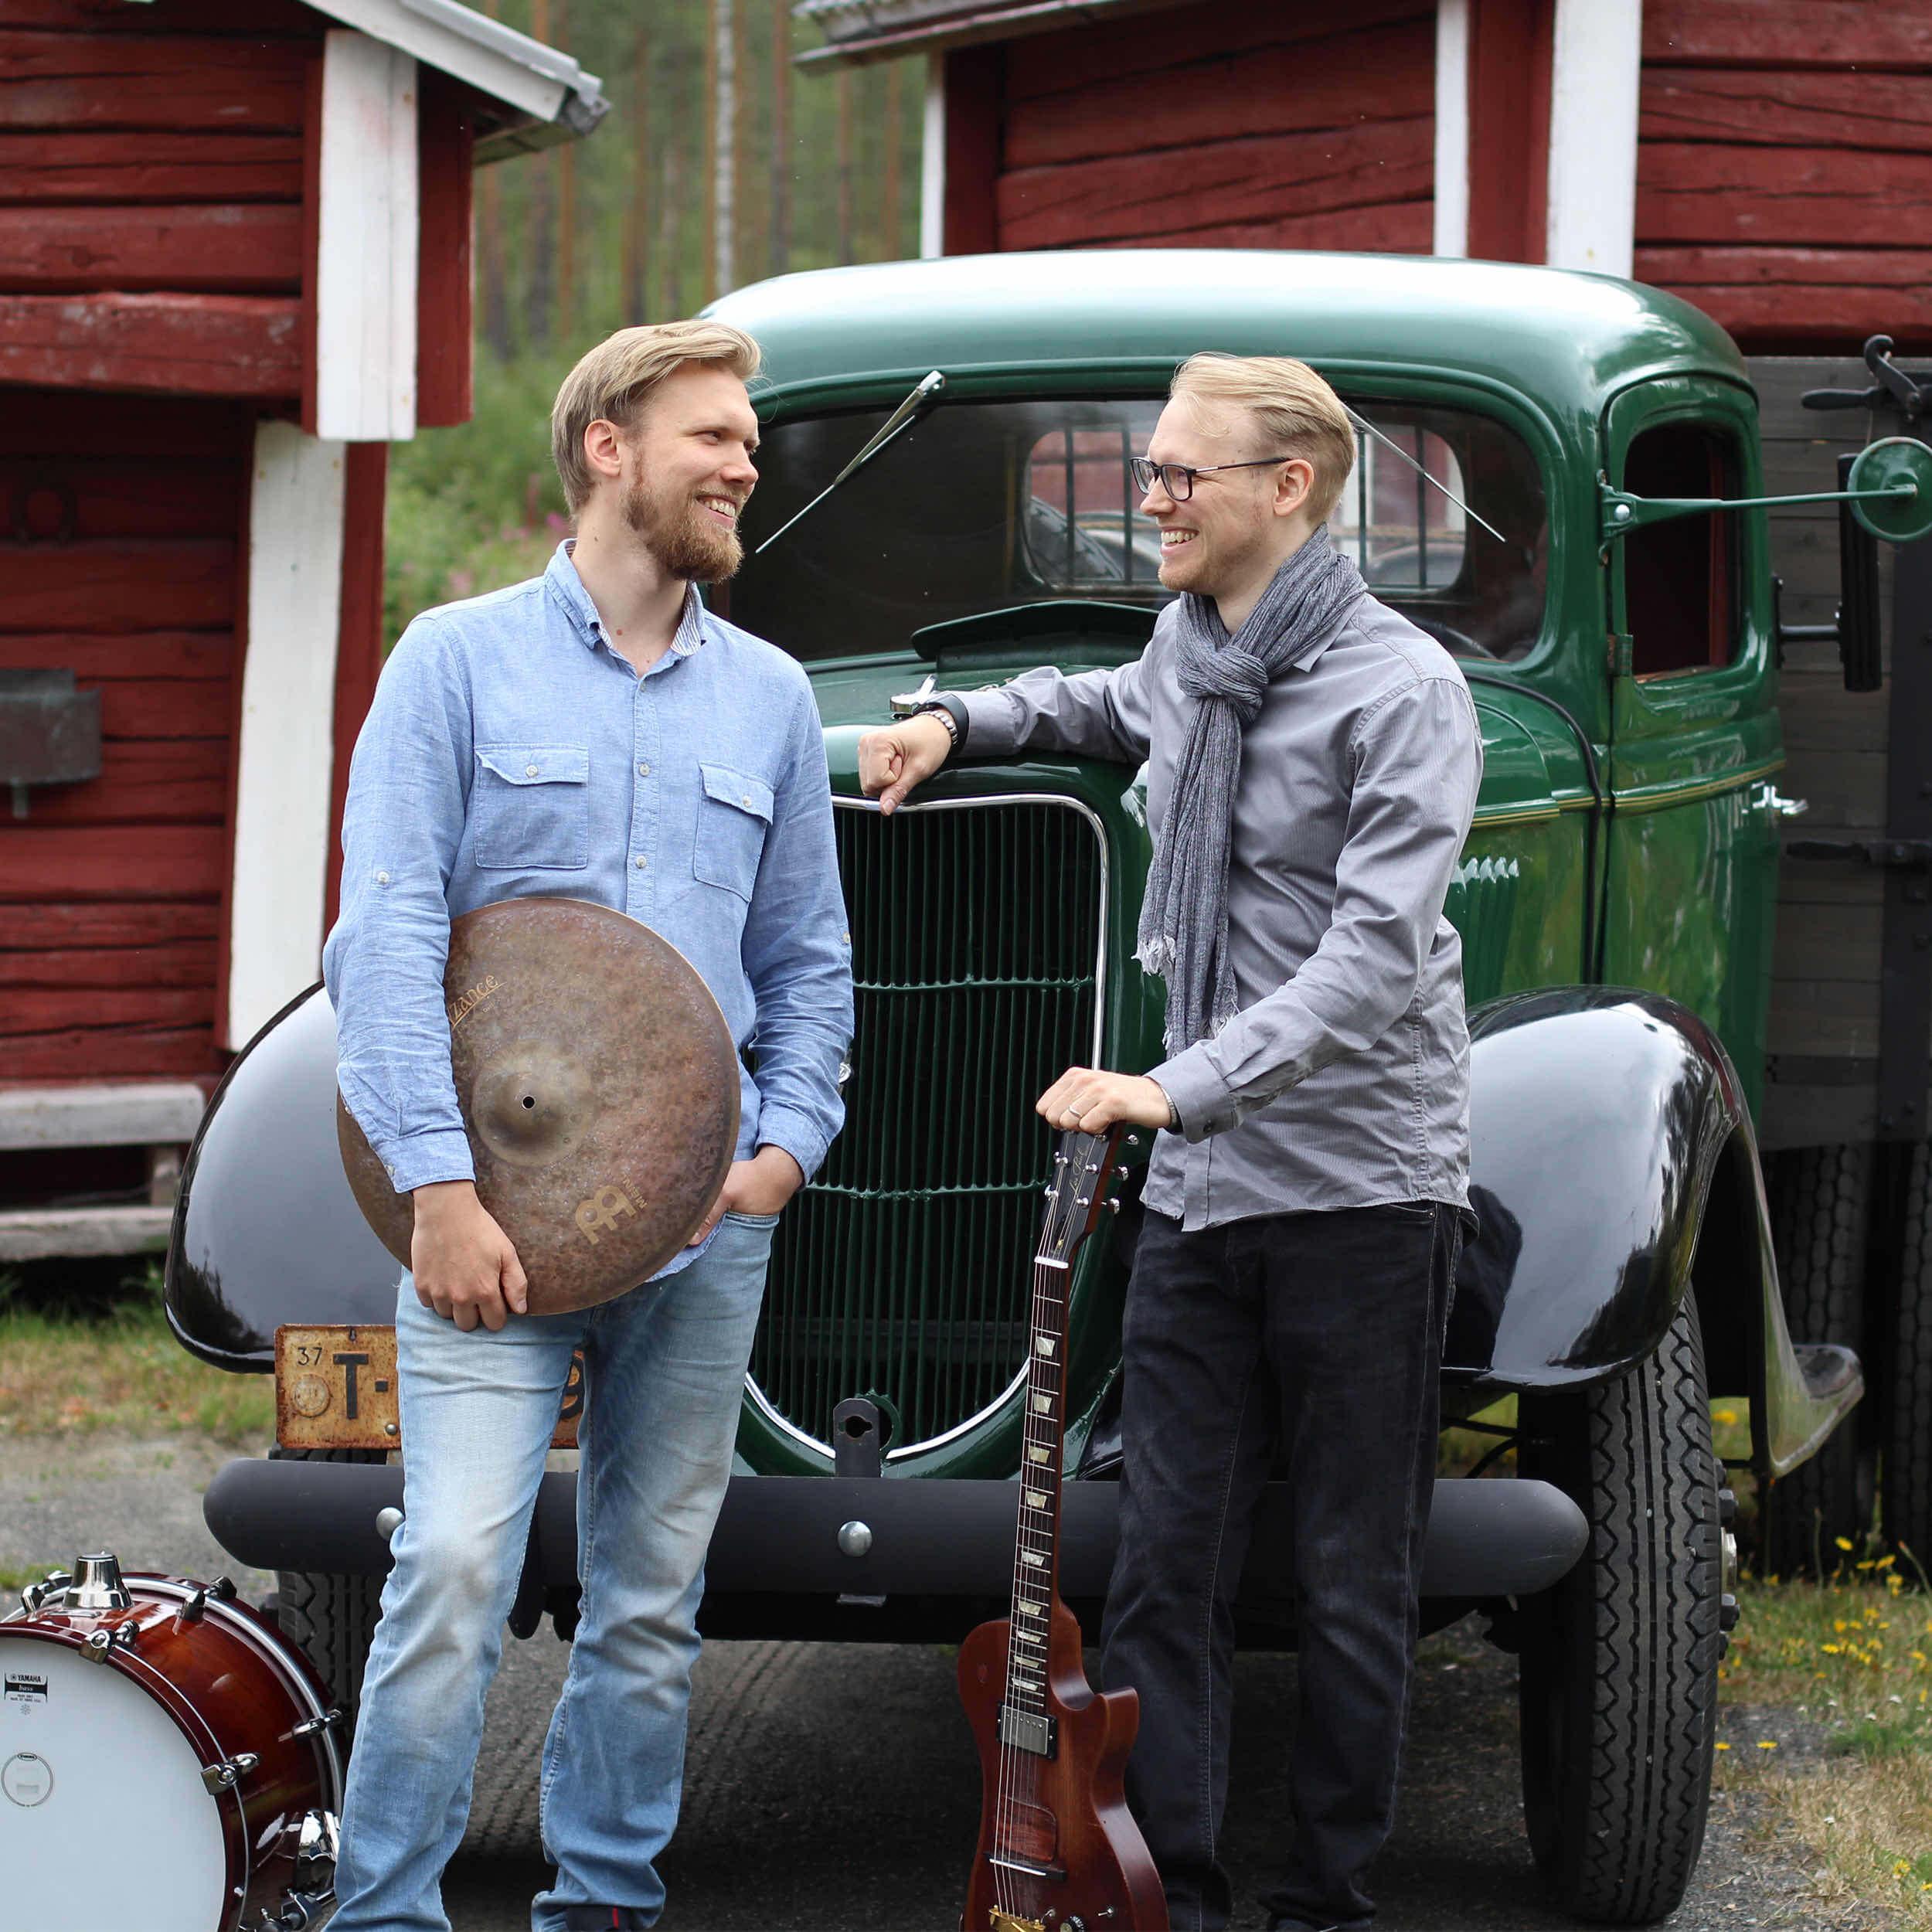 Bröder-duo